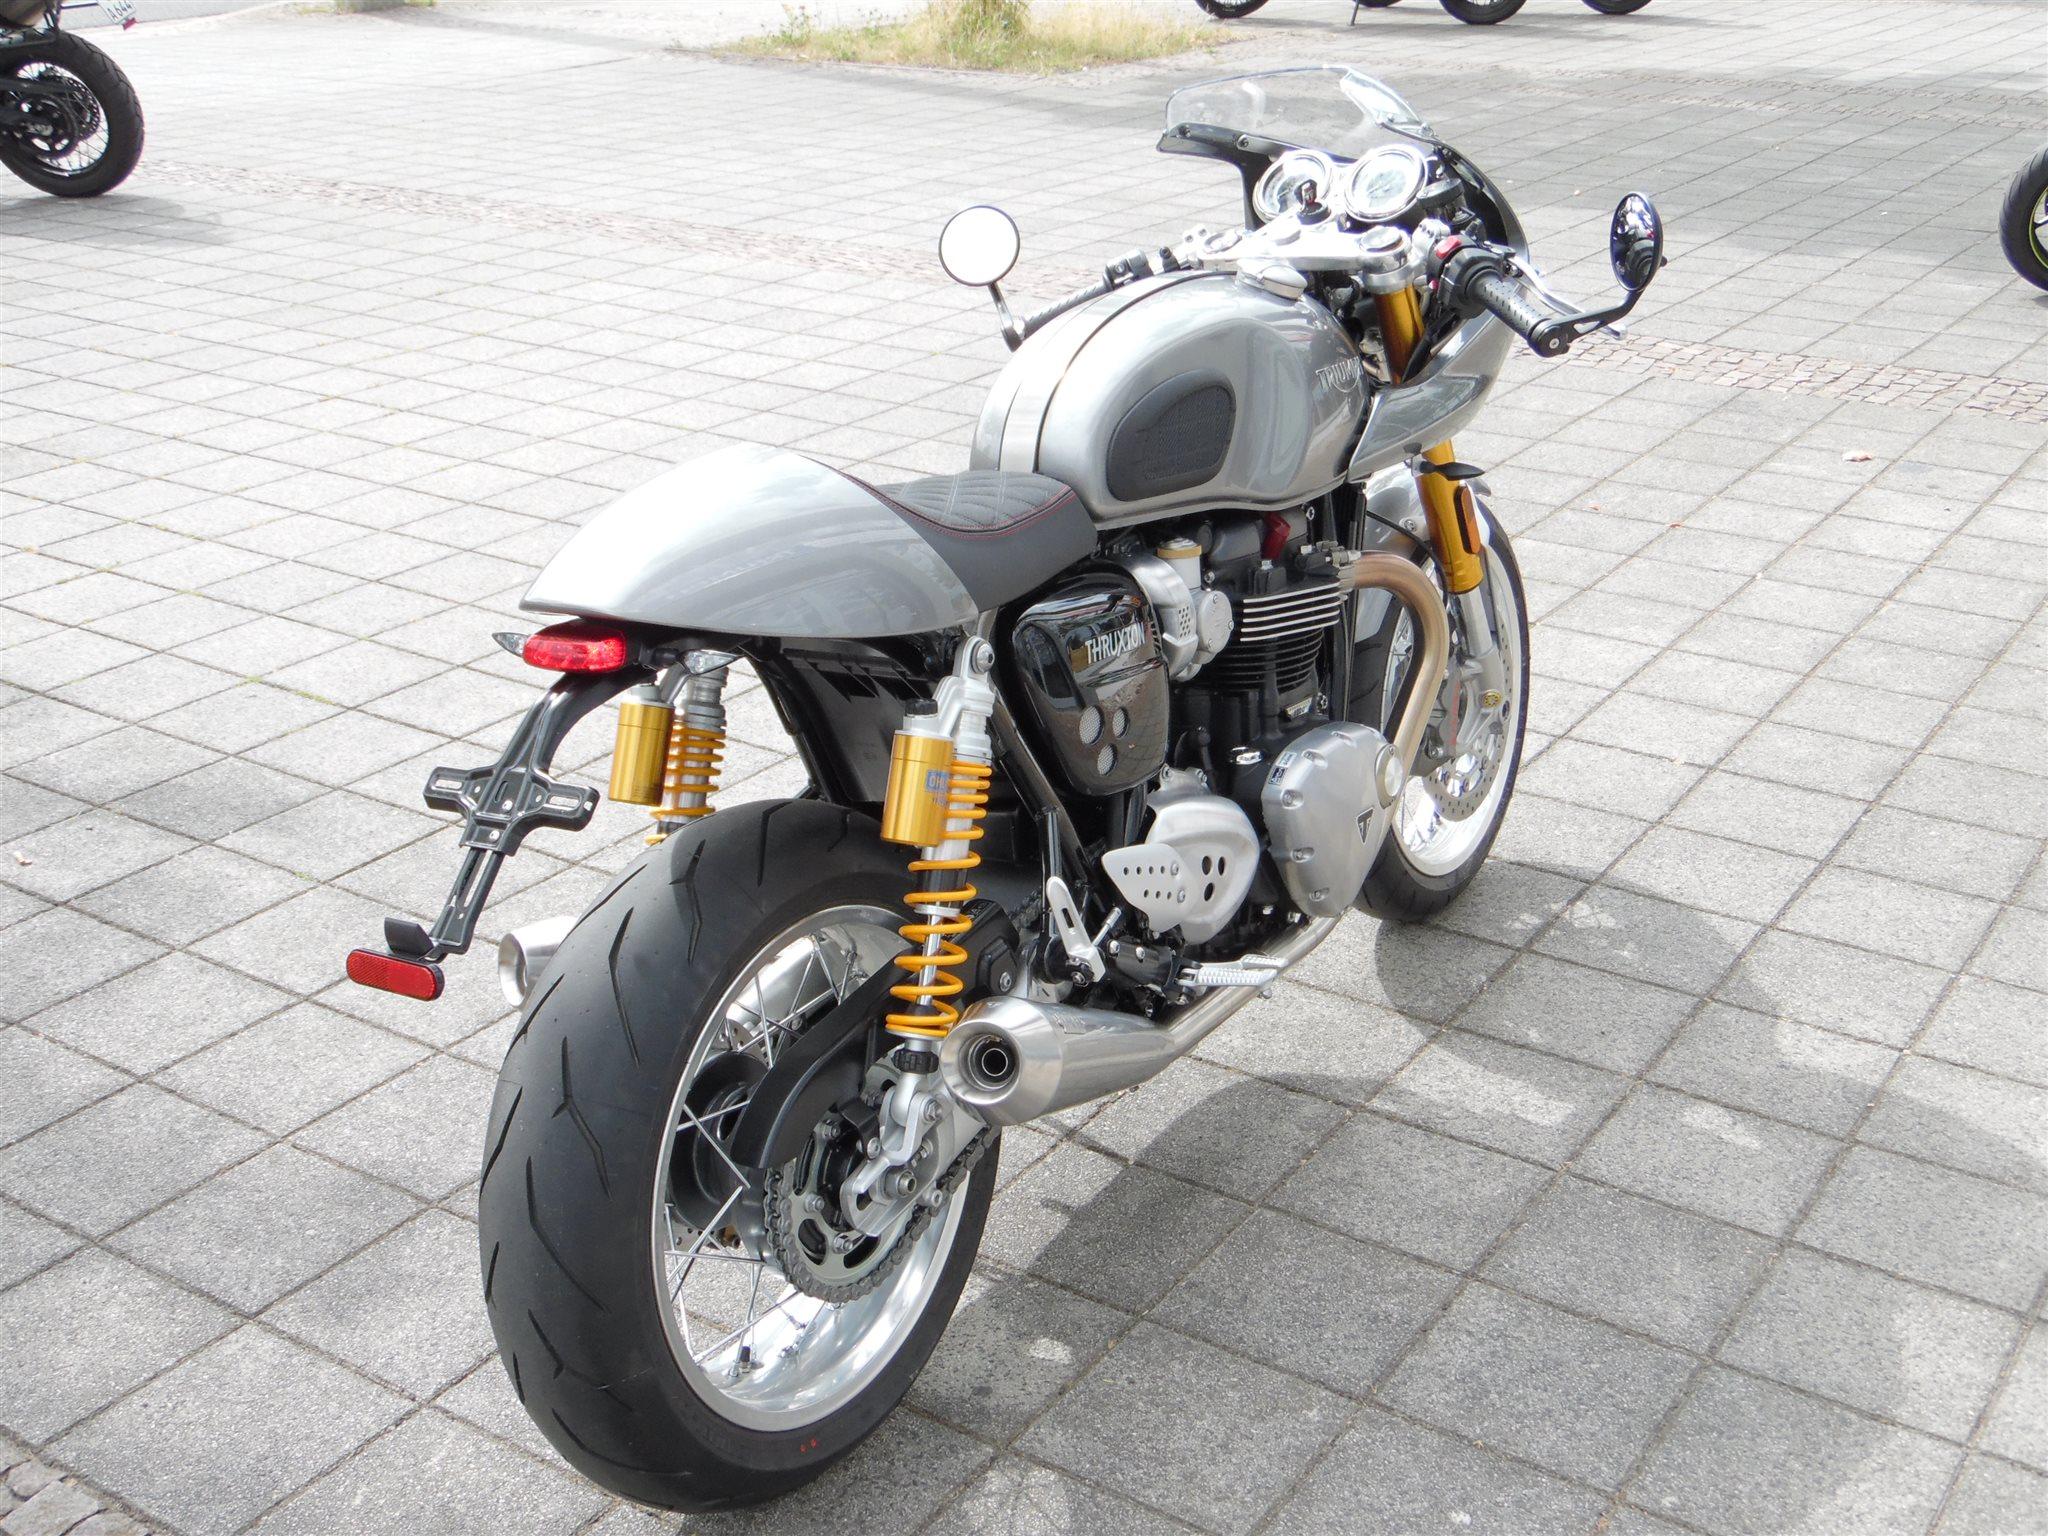 umgebautes motorrad triumph thruxton 1200r von kehl klingenberger gbr. Black Bedroom Furniture Sets. Home Design Ideas